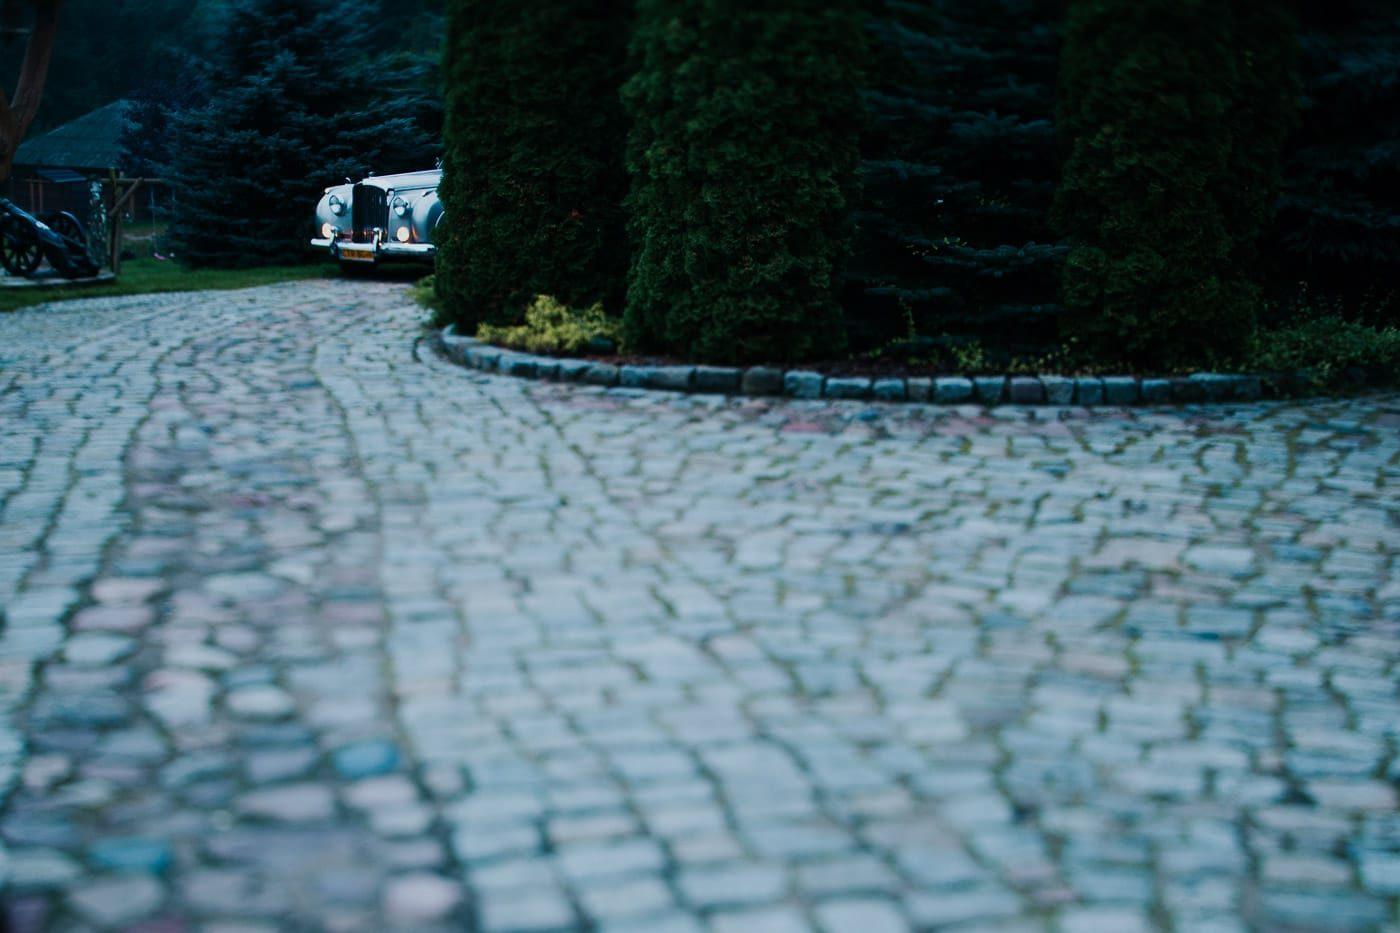 Maciej Sobol fotograf ślubny Toruń Kujawsko Pomorskie 32 1400x933 - Patrycja & Michał - fotografia ślubna [Ciechocin / Toruń]